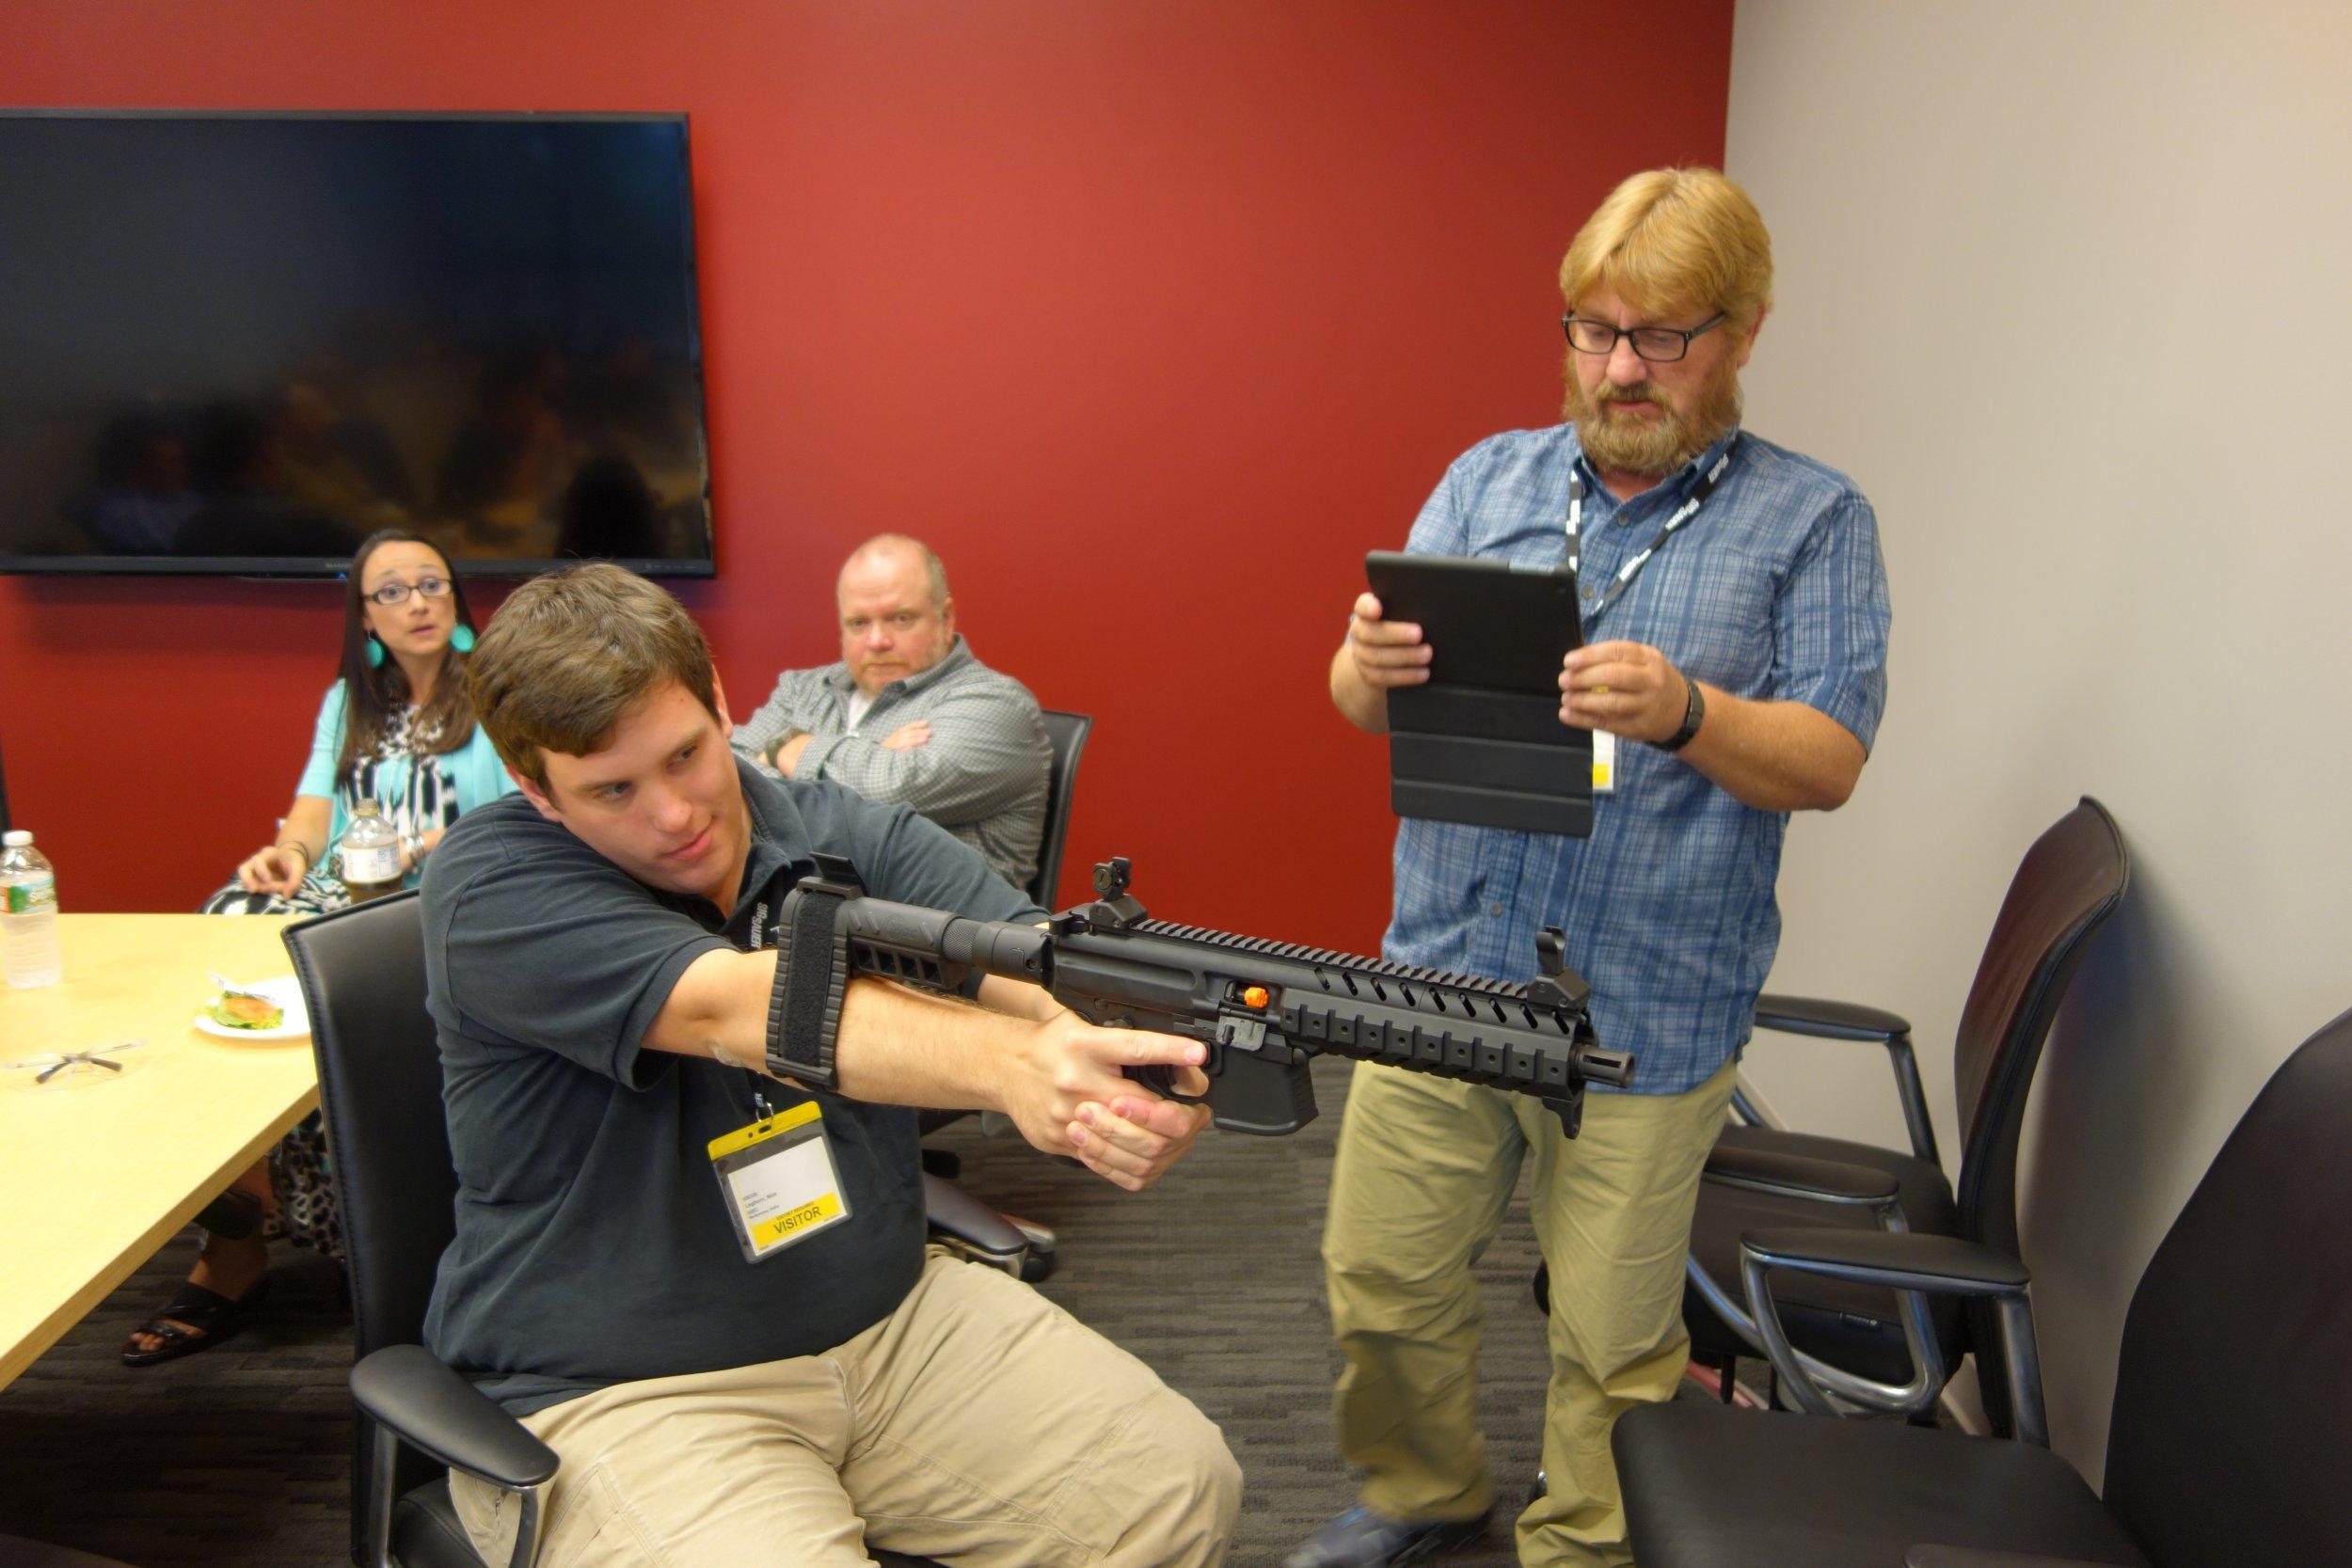 SIG SAUER SIGTac SB15 Pistol Stabilizing Brace for One-Handed Firing